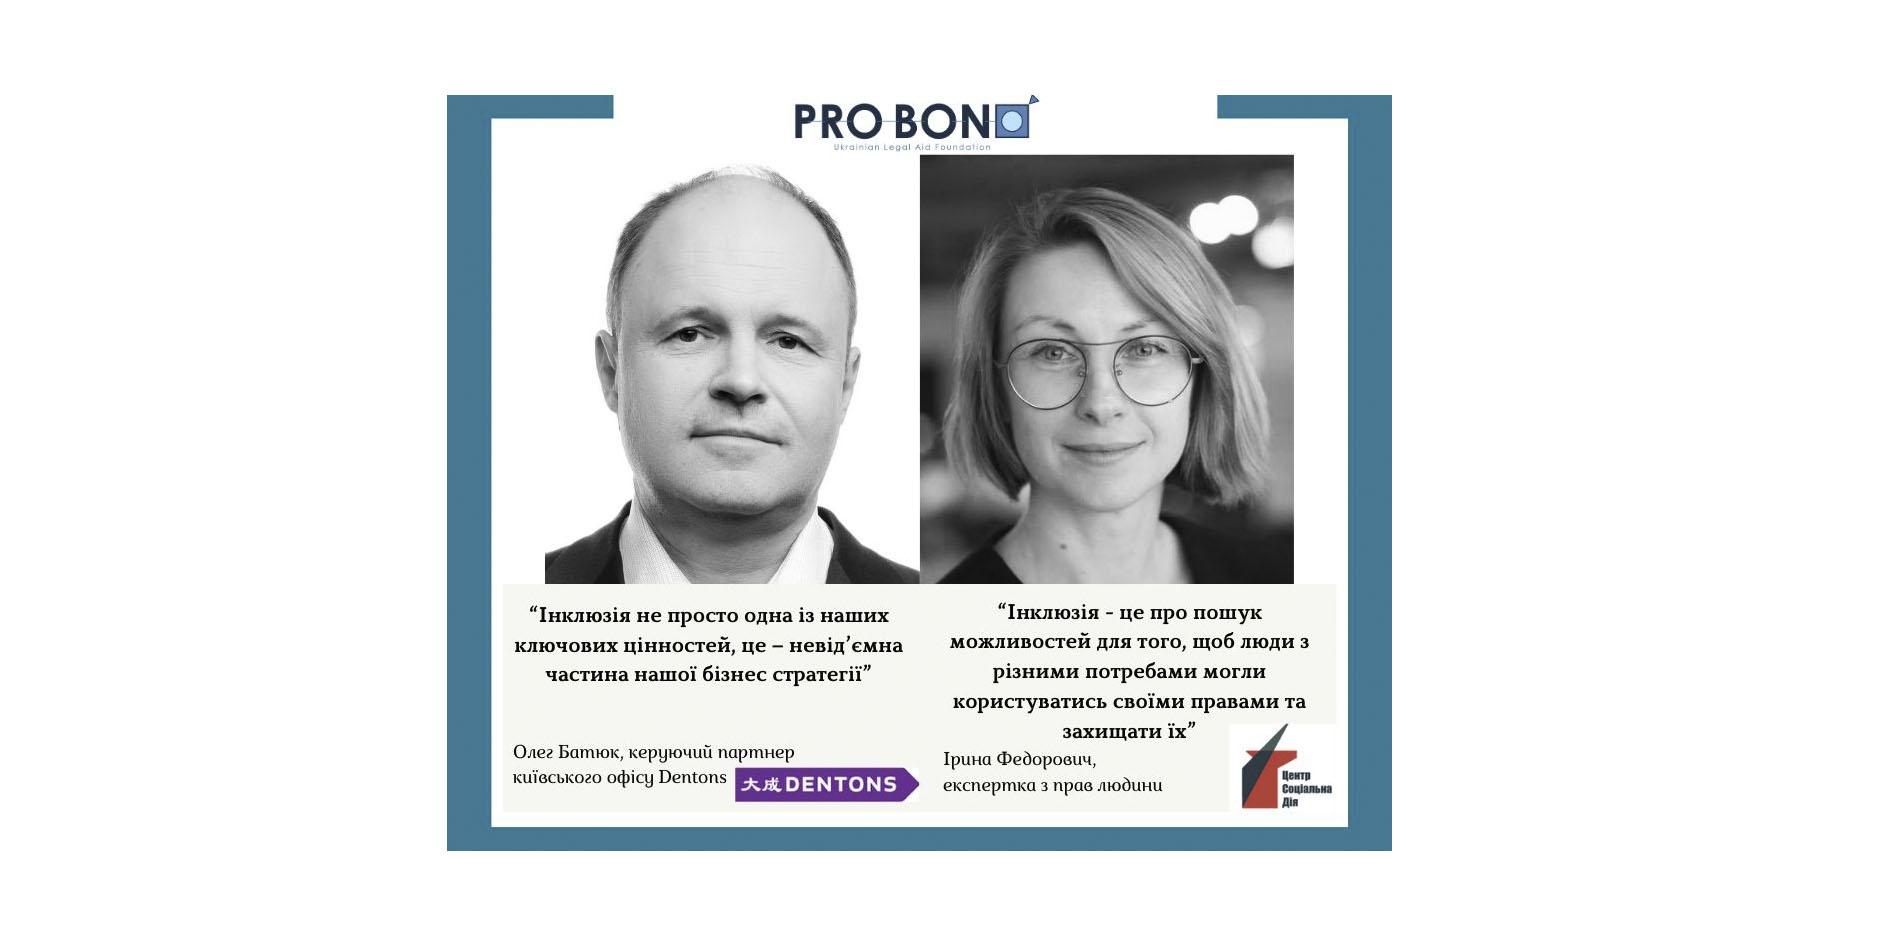 Простір PRO BONO - можливість включення у різні сфери права для кожного